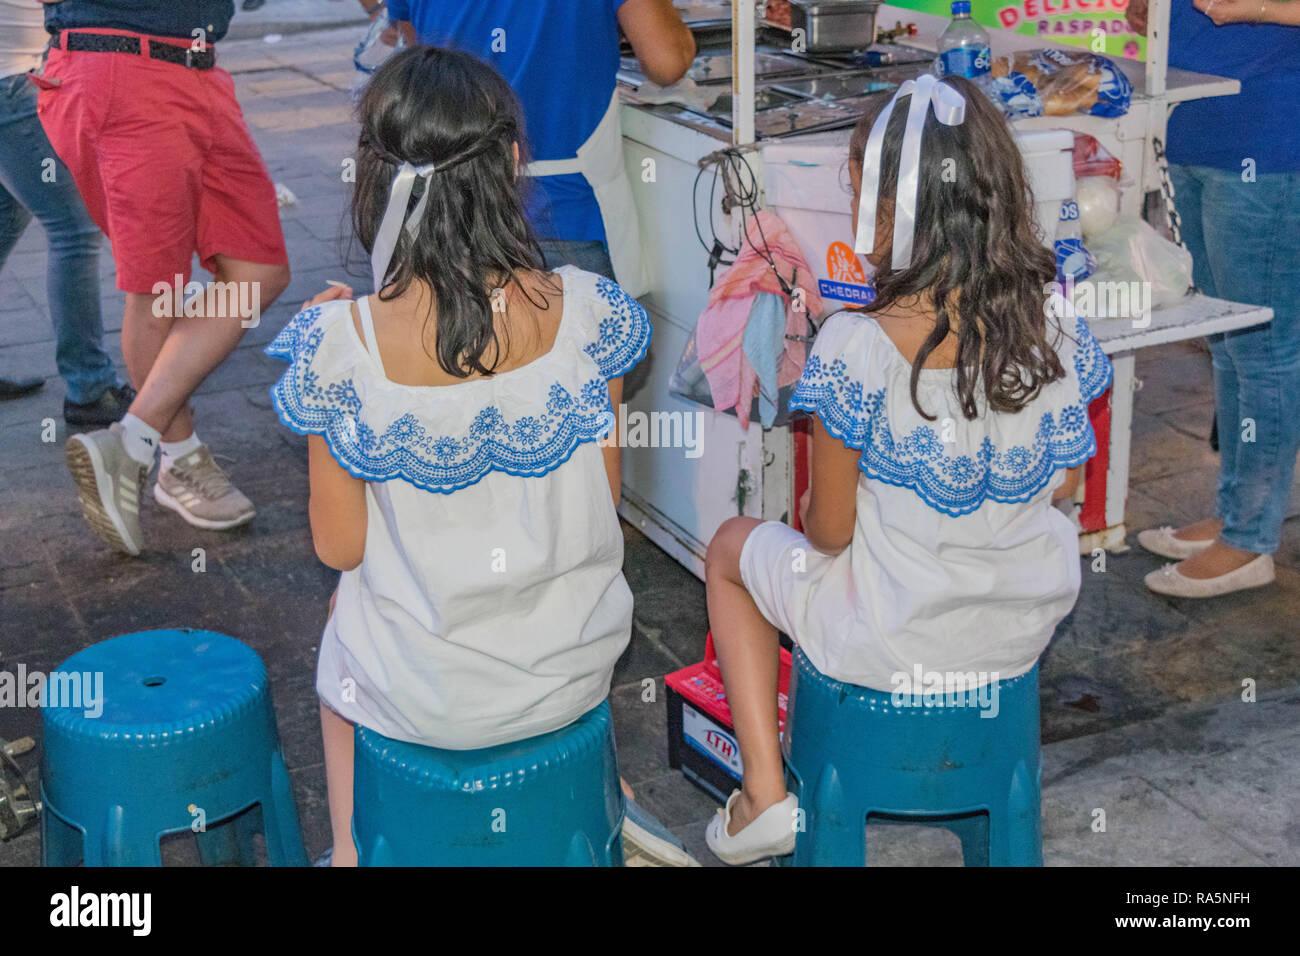 Zwei junge Mädchen in weißen Kleidern identisch mit blauer Stickerei, sitzen an einem Essen auf der Straße stand, in Oaxaca, Mexiko Stockbild